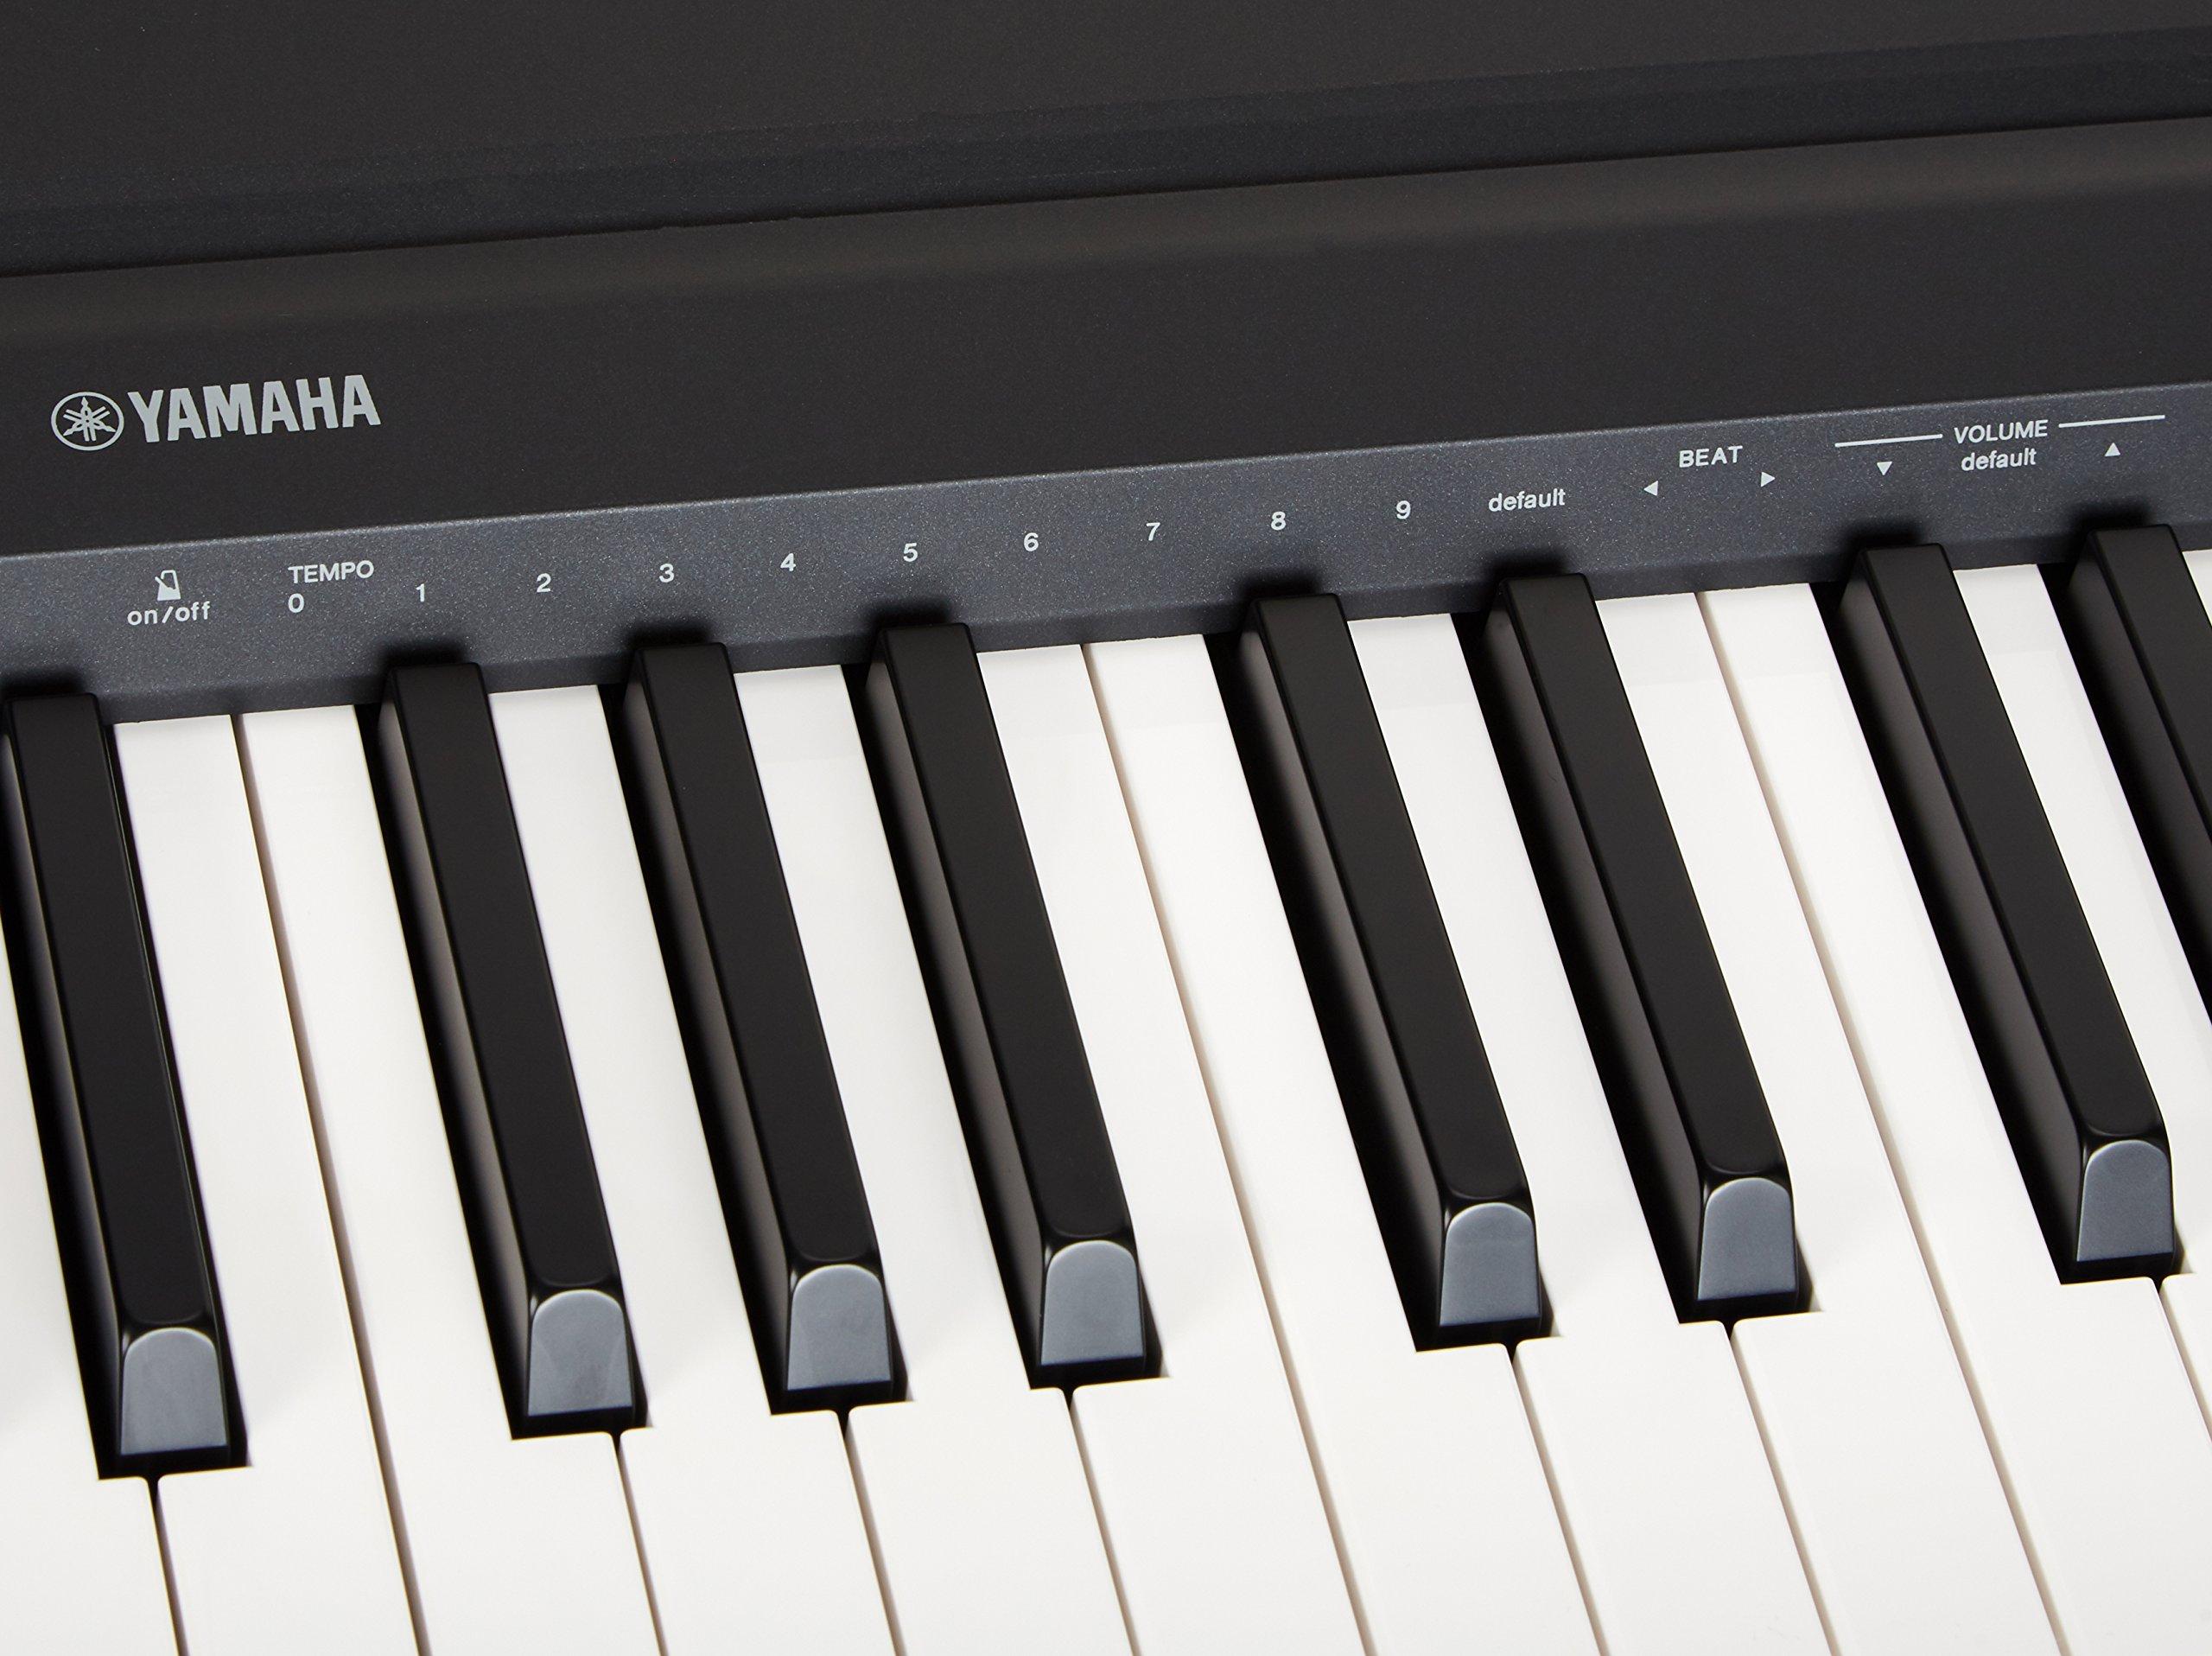 yamaha p71 keyboard